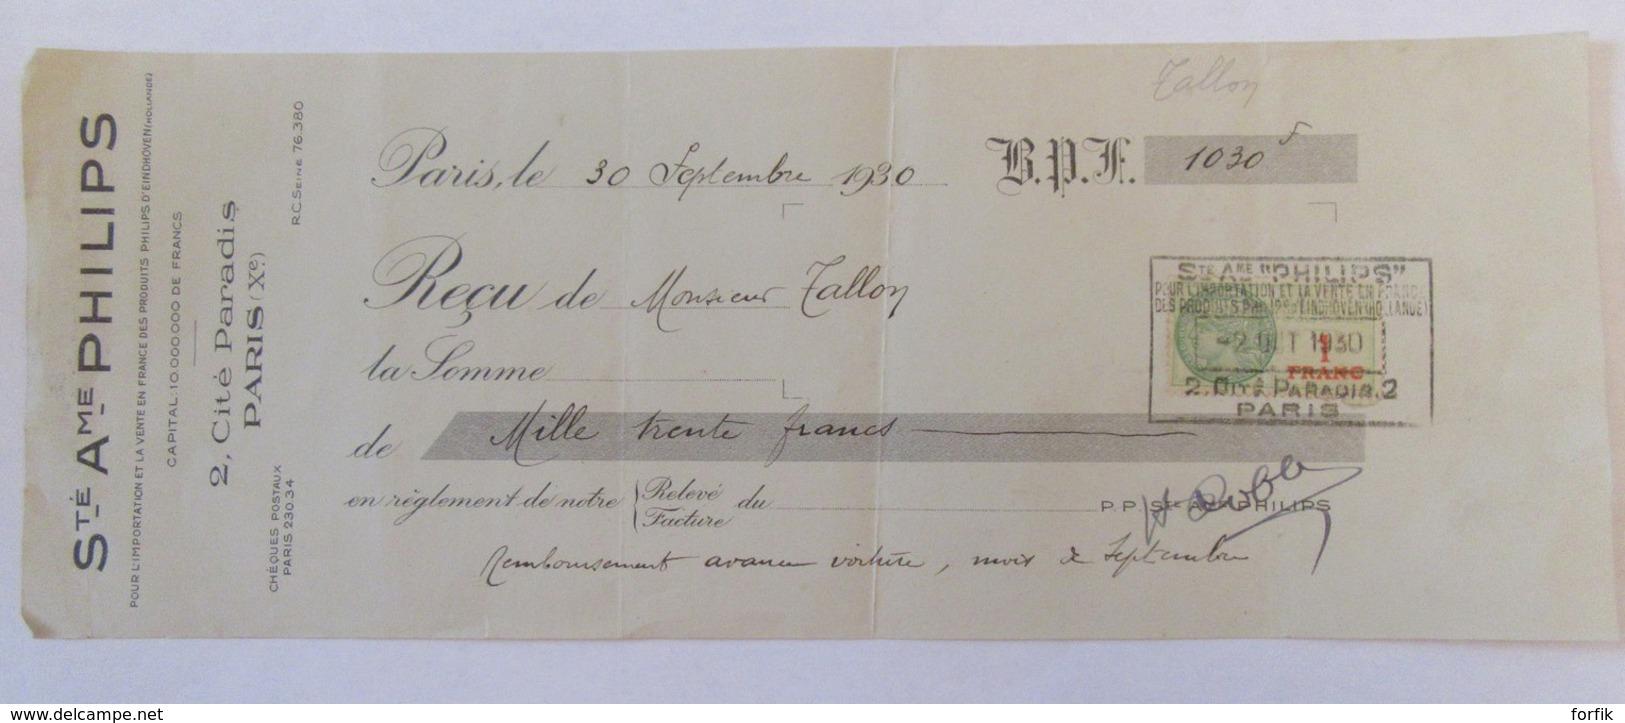 France - Reçu De Facture De La Société Anonyme Philips à Paris Le 30 Septembre 1930 - France